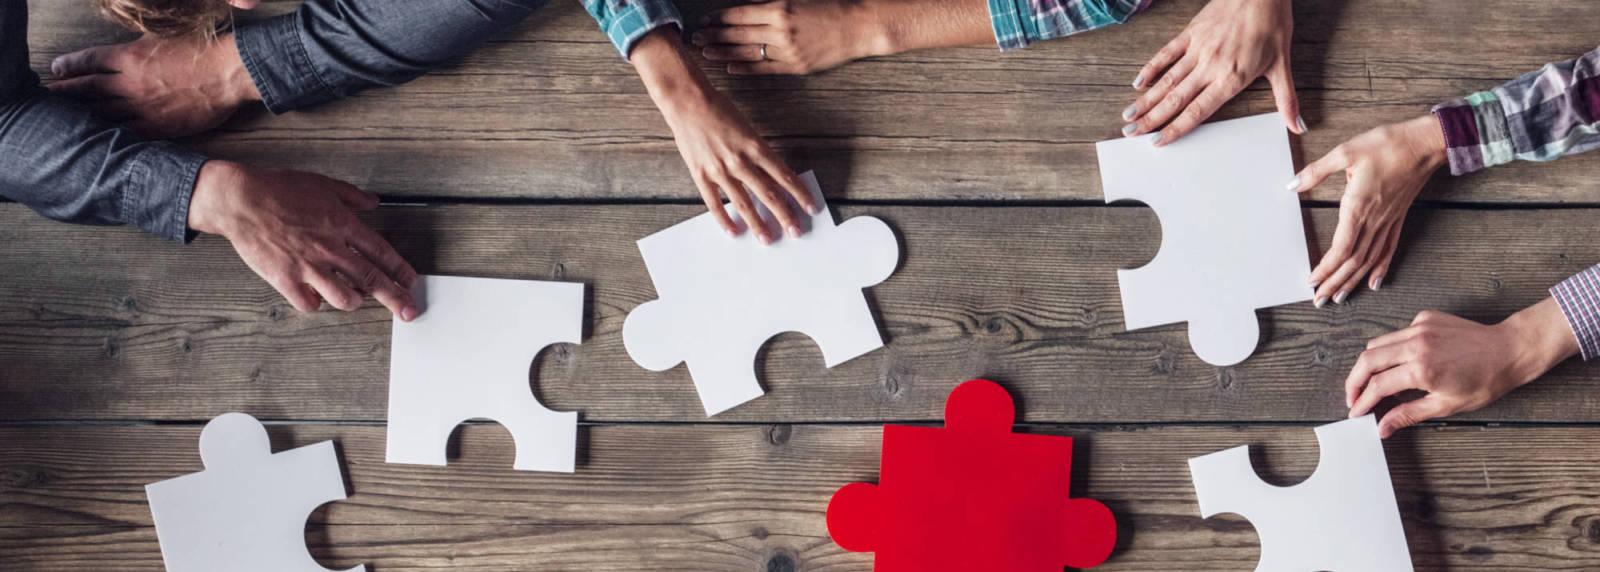 Travail d'équipe, groupe assemblant un puzzle